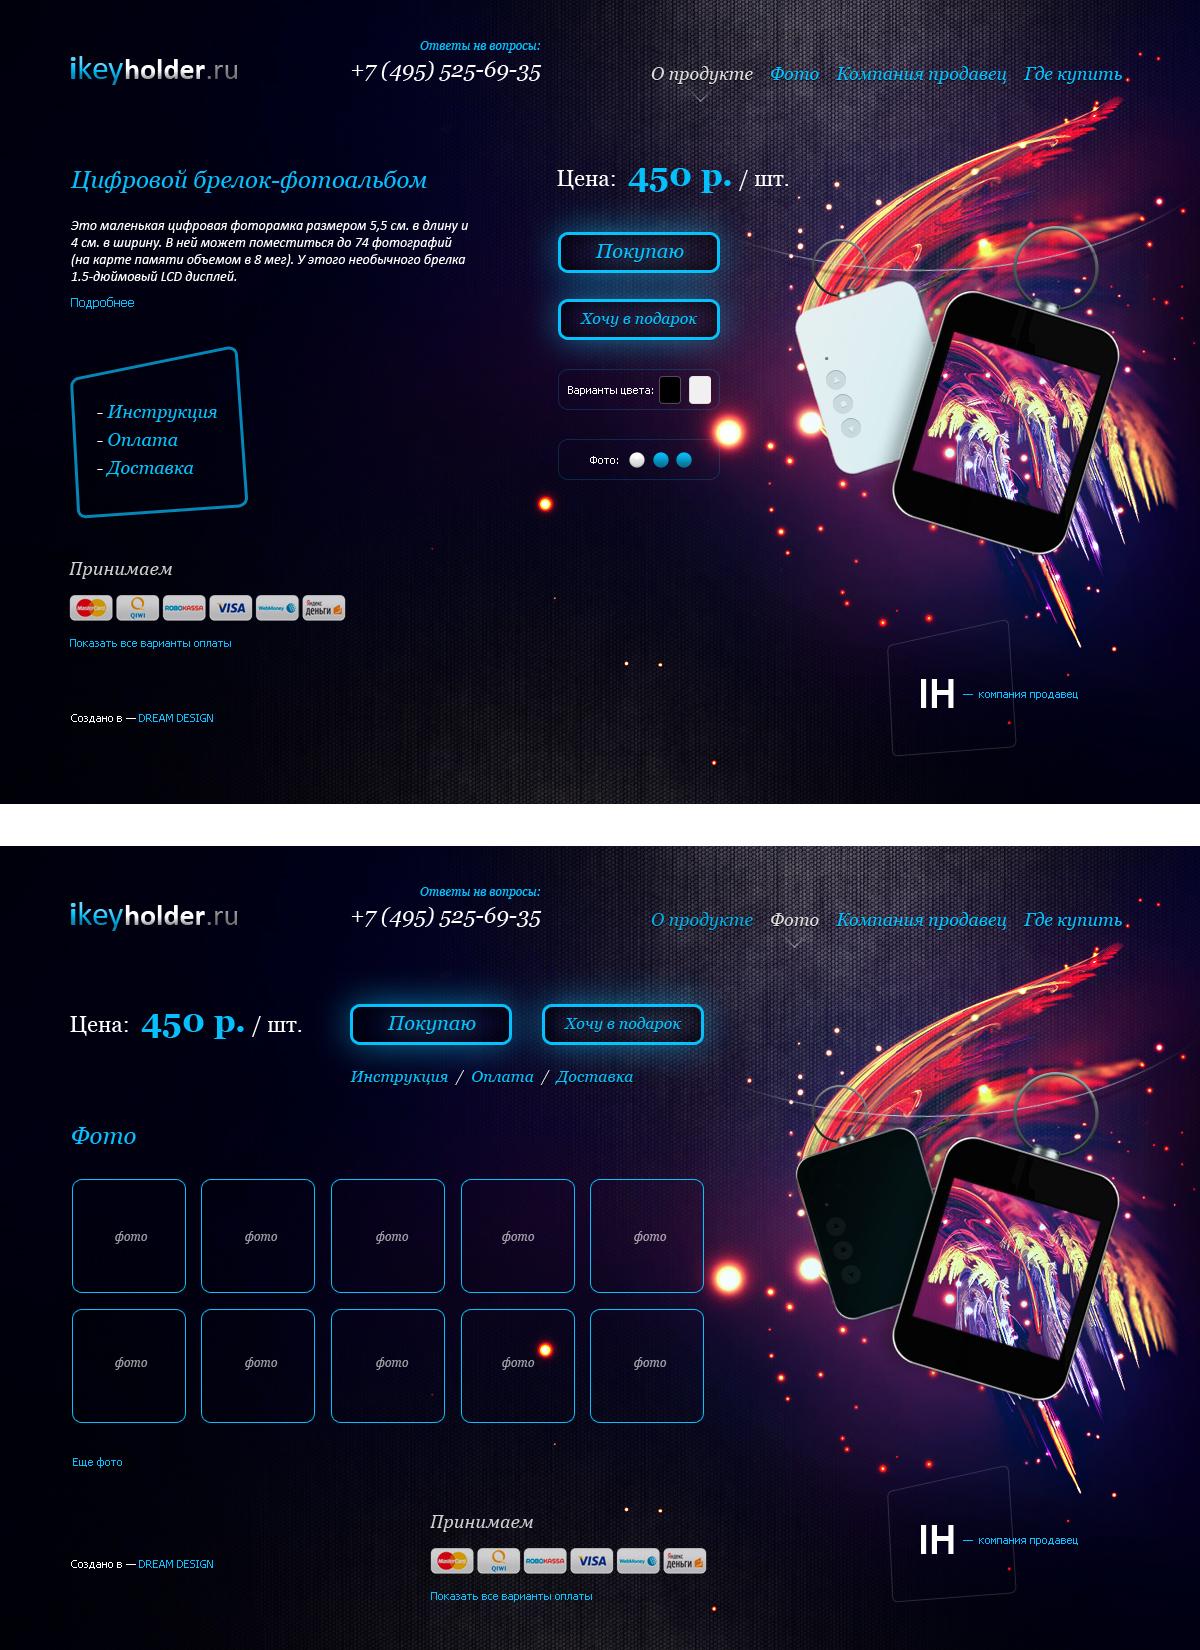 Ikeyholder - цифровой брелок (победитель конкурса на создание дизайна сайта)